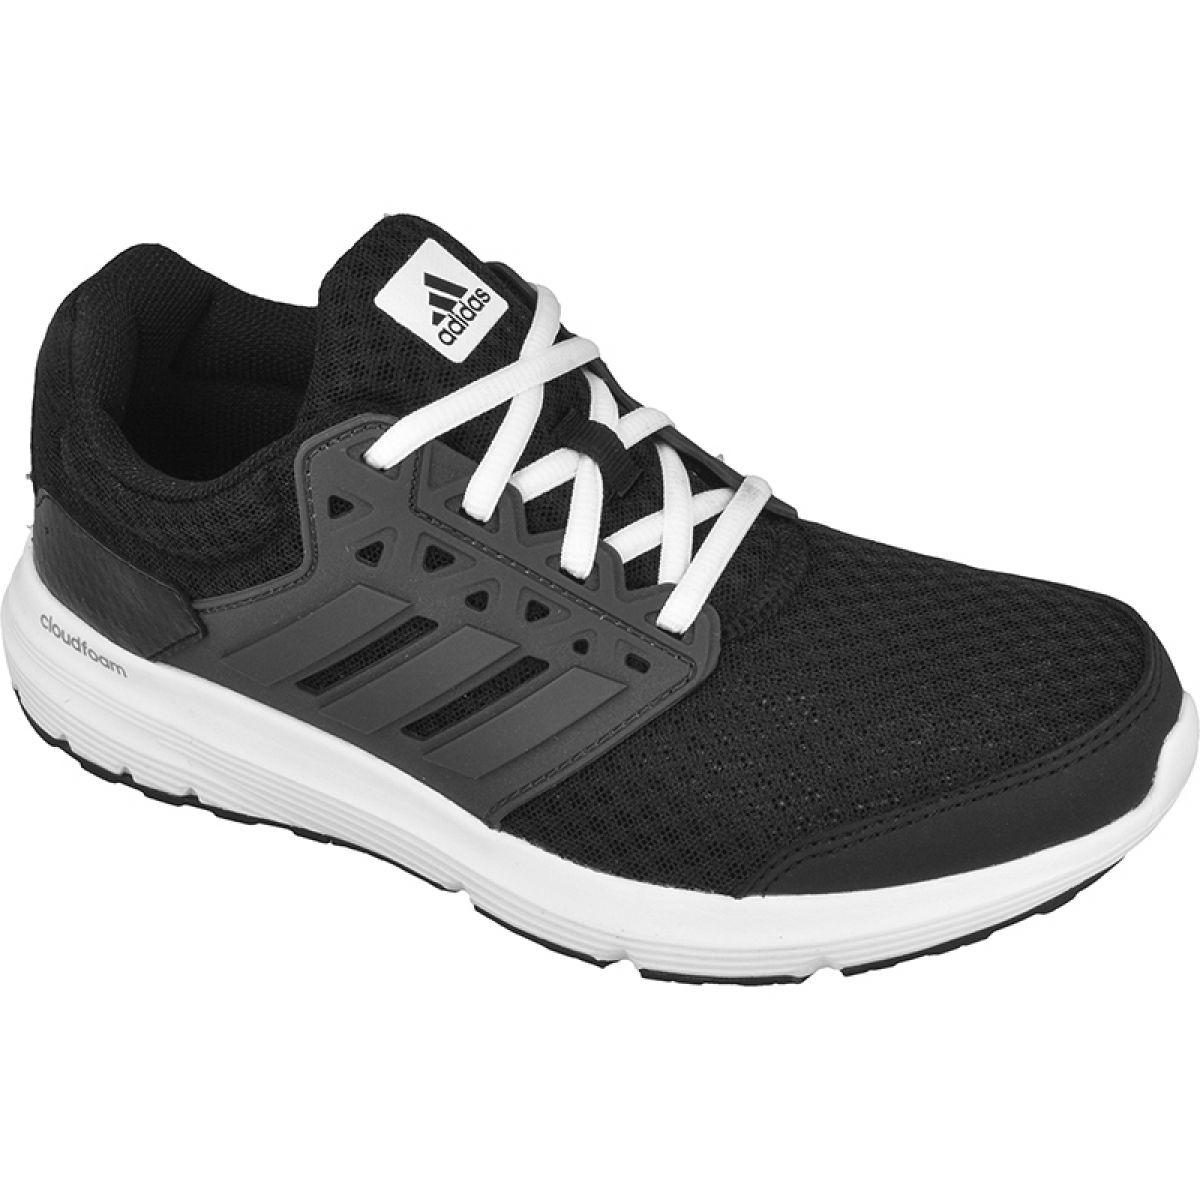 Schwarz Adidas Galaxy 3 W BB4365 Schuhe